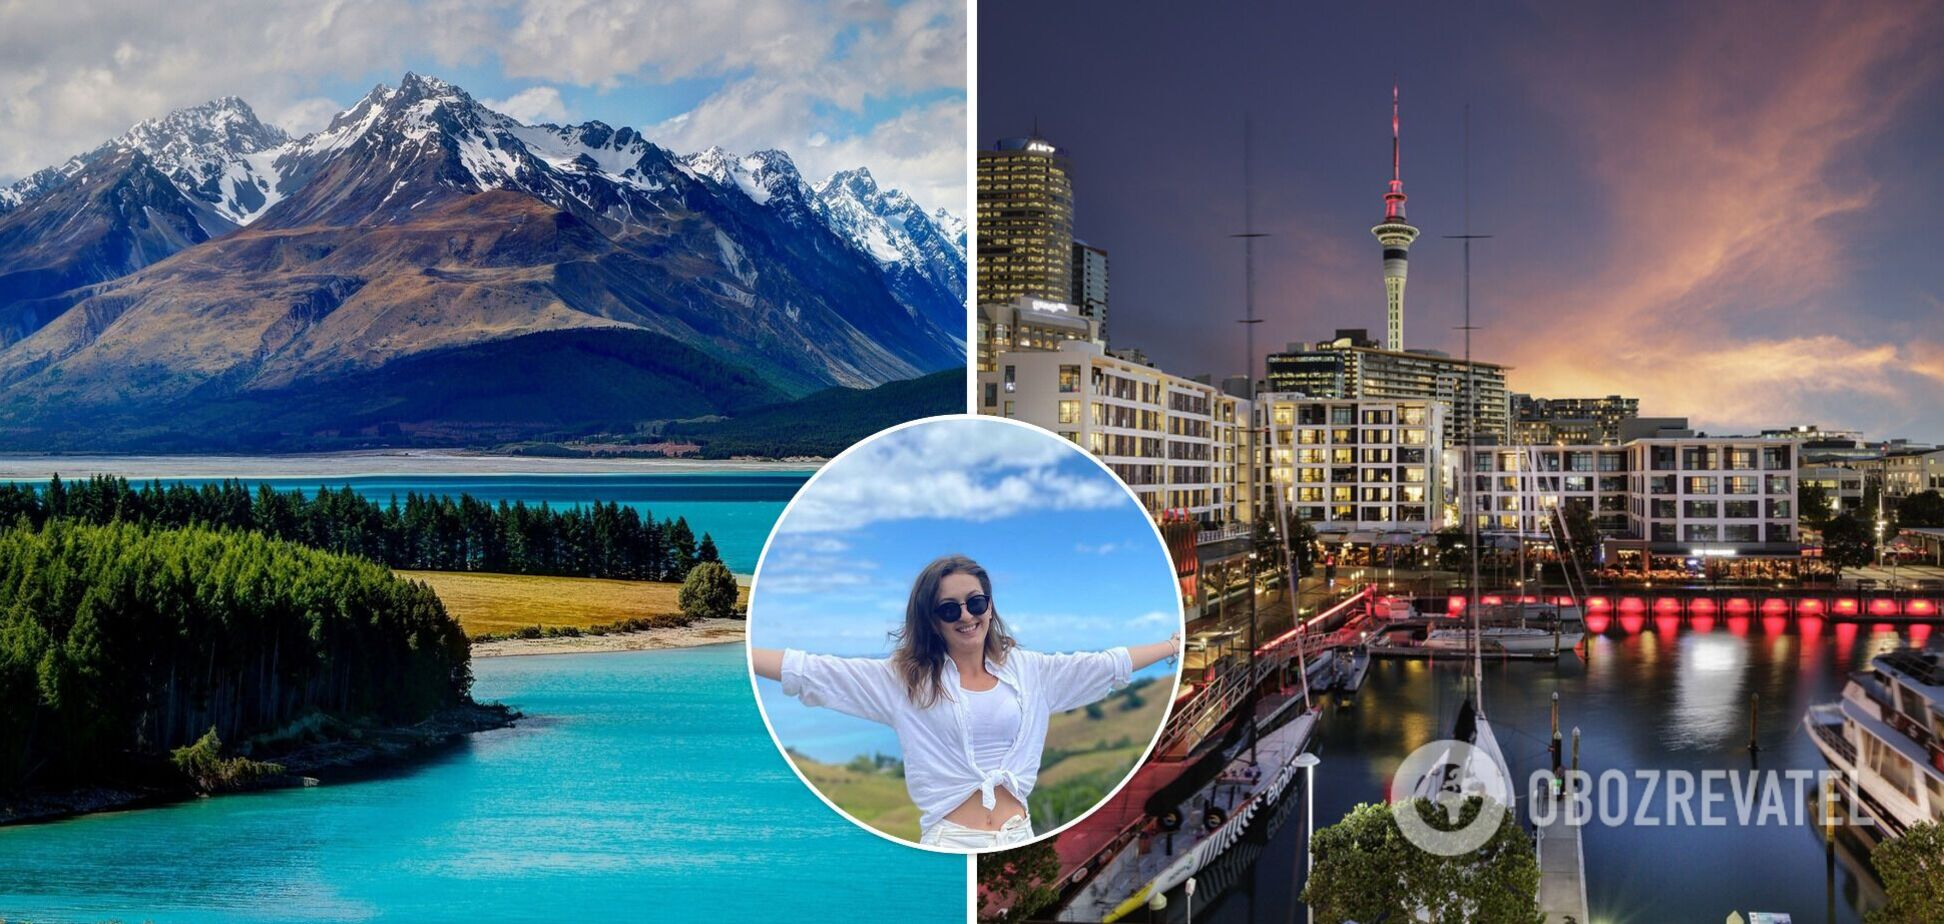 Безкоштовна медицина, вторинне споживання і зарплати від 1 млн грн на рік: українка – про життя в Новій Зеландії